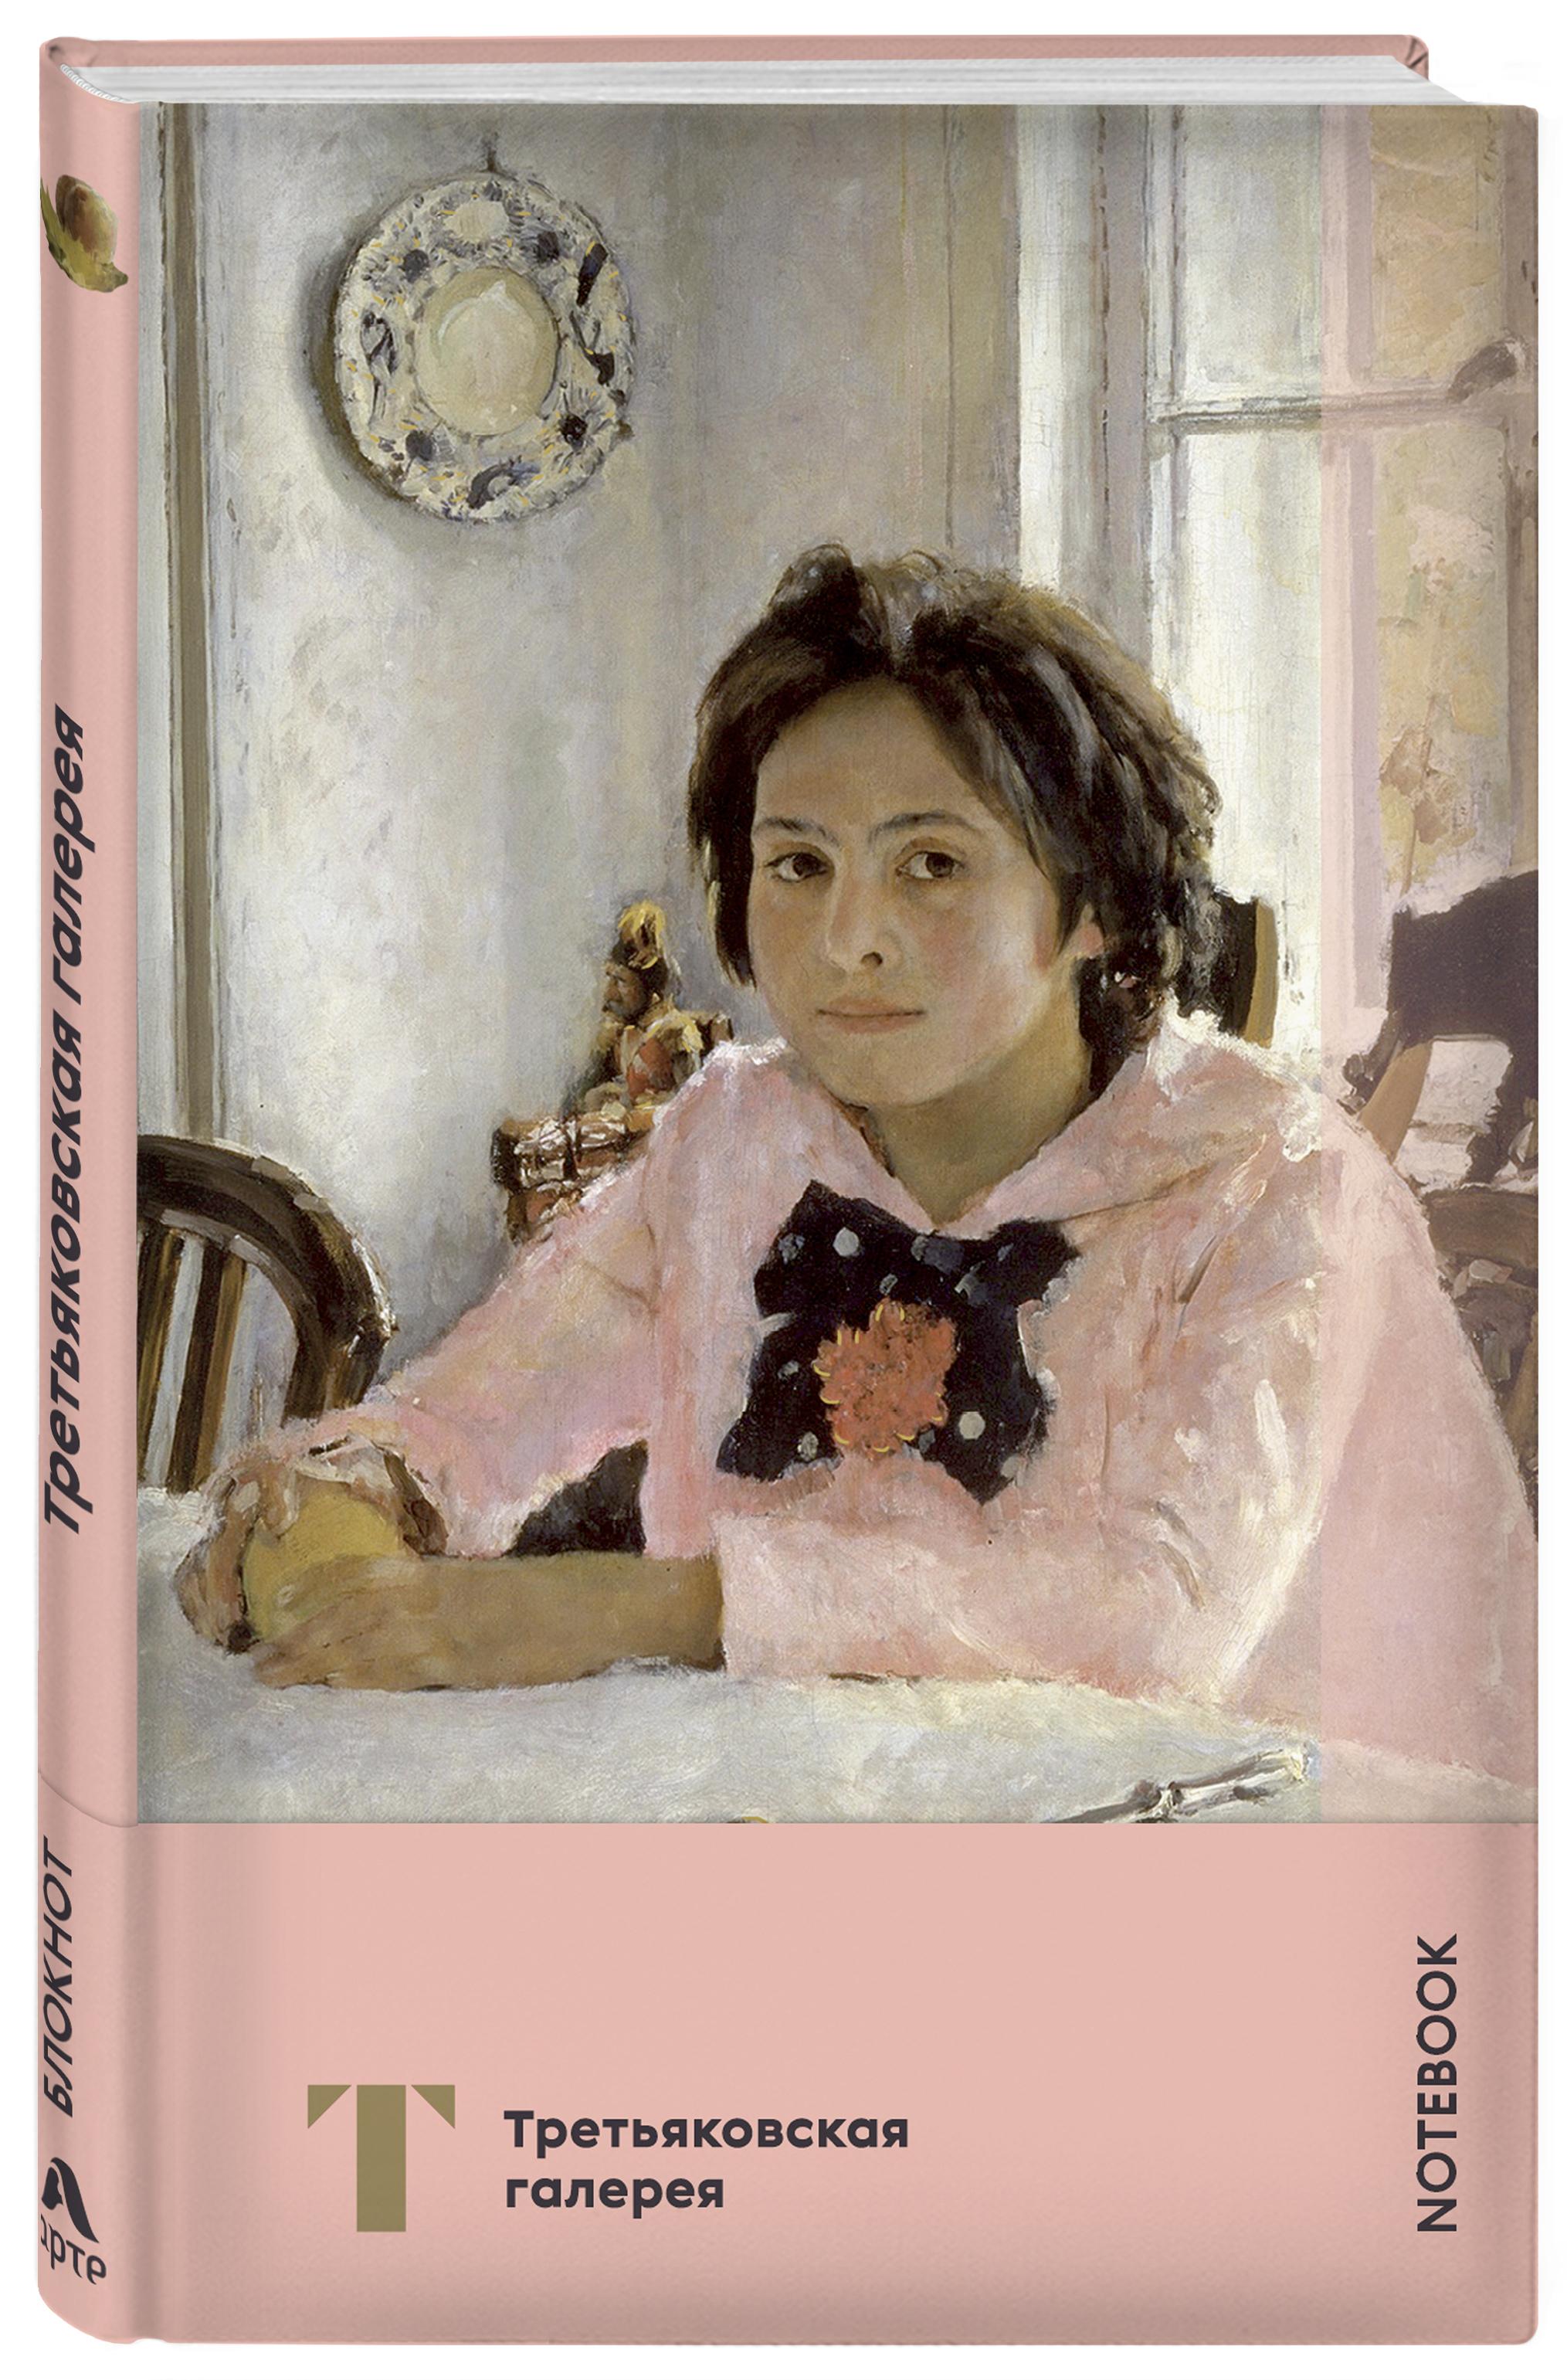 Блокнот. Третьяковская галерея (Девочка с персиками) блокнот третьяковская галерея девочка с персиками